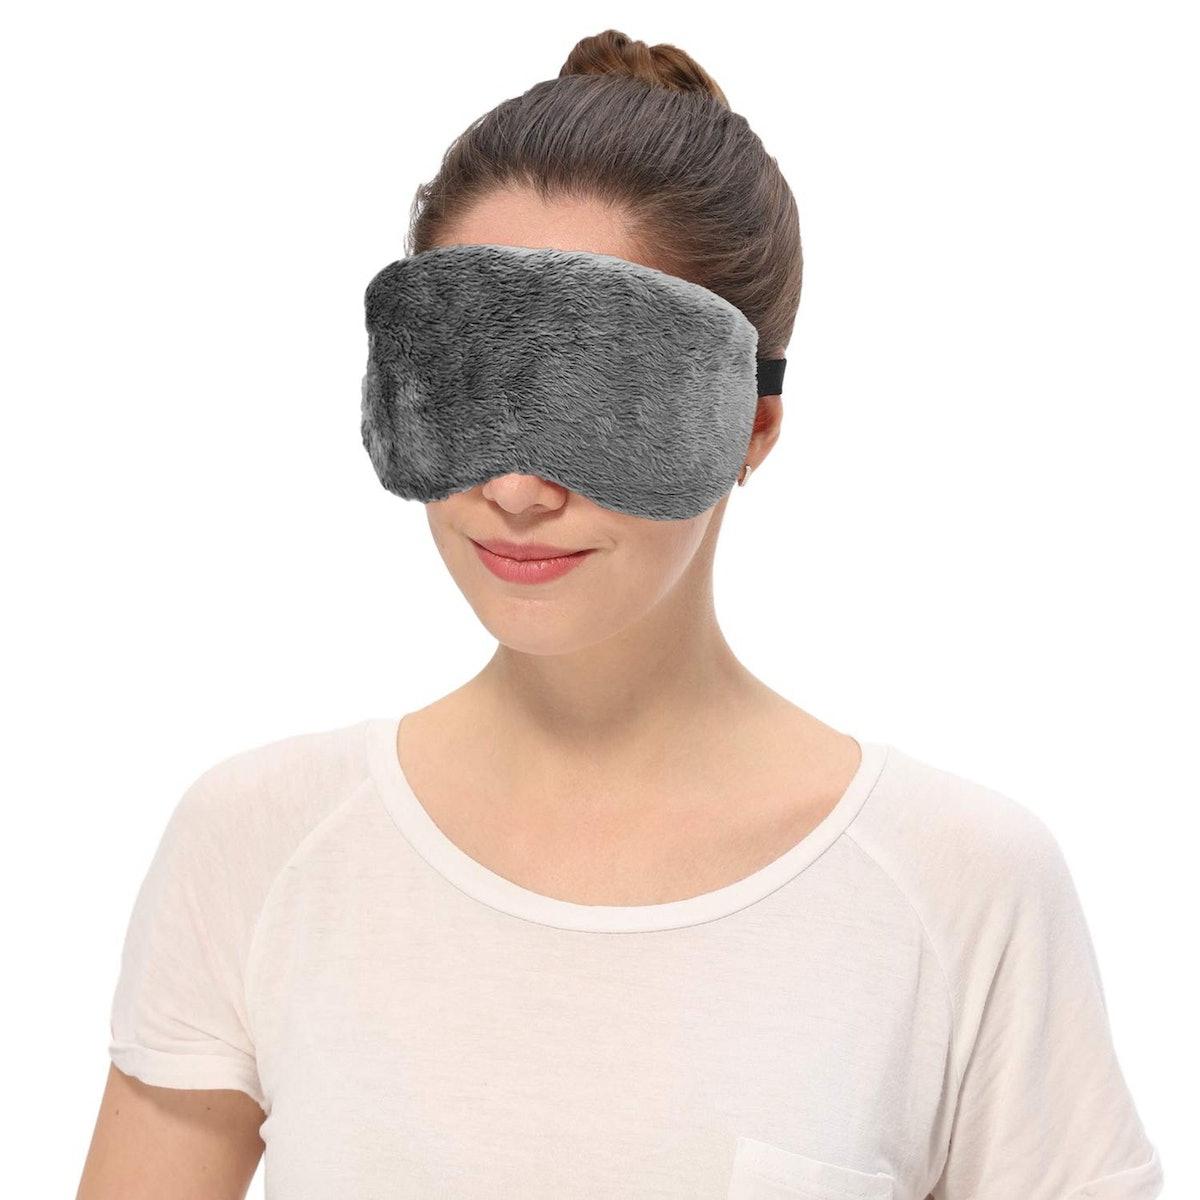 Aroma Season USB-Heated Lavender Steam Mask